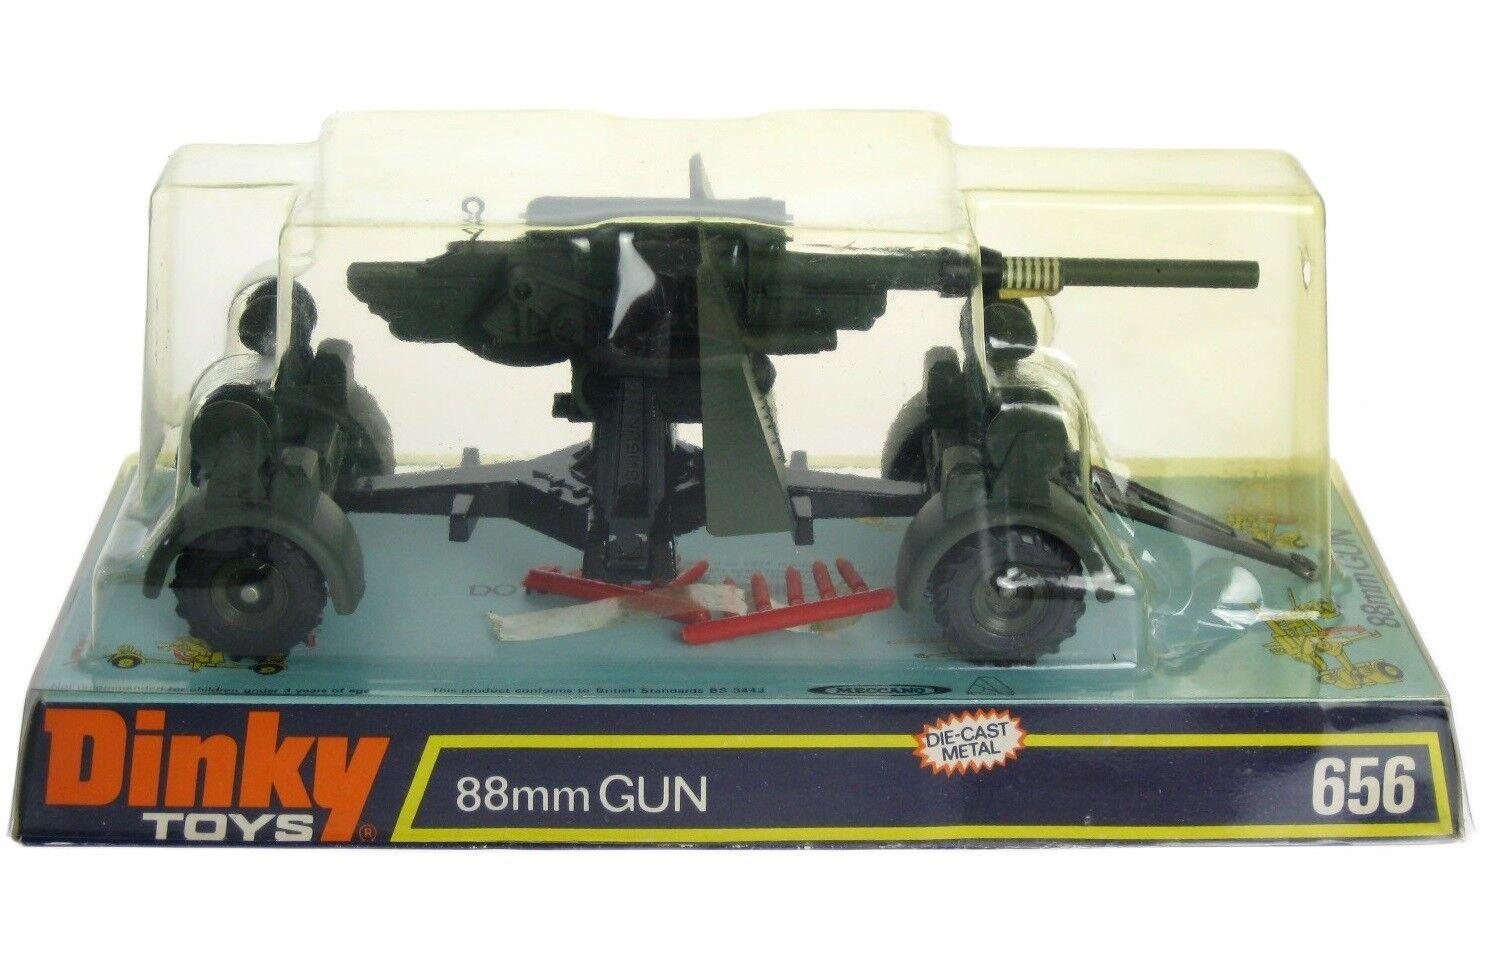 Vintage 1974 Dinky Meccano 656 WWII German 88mm Flak Gun Mint w Box MIB